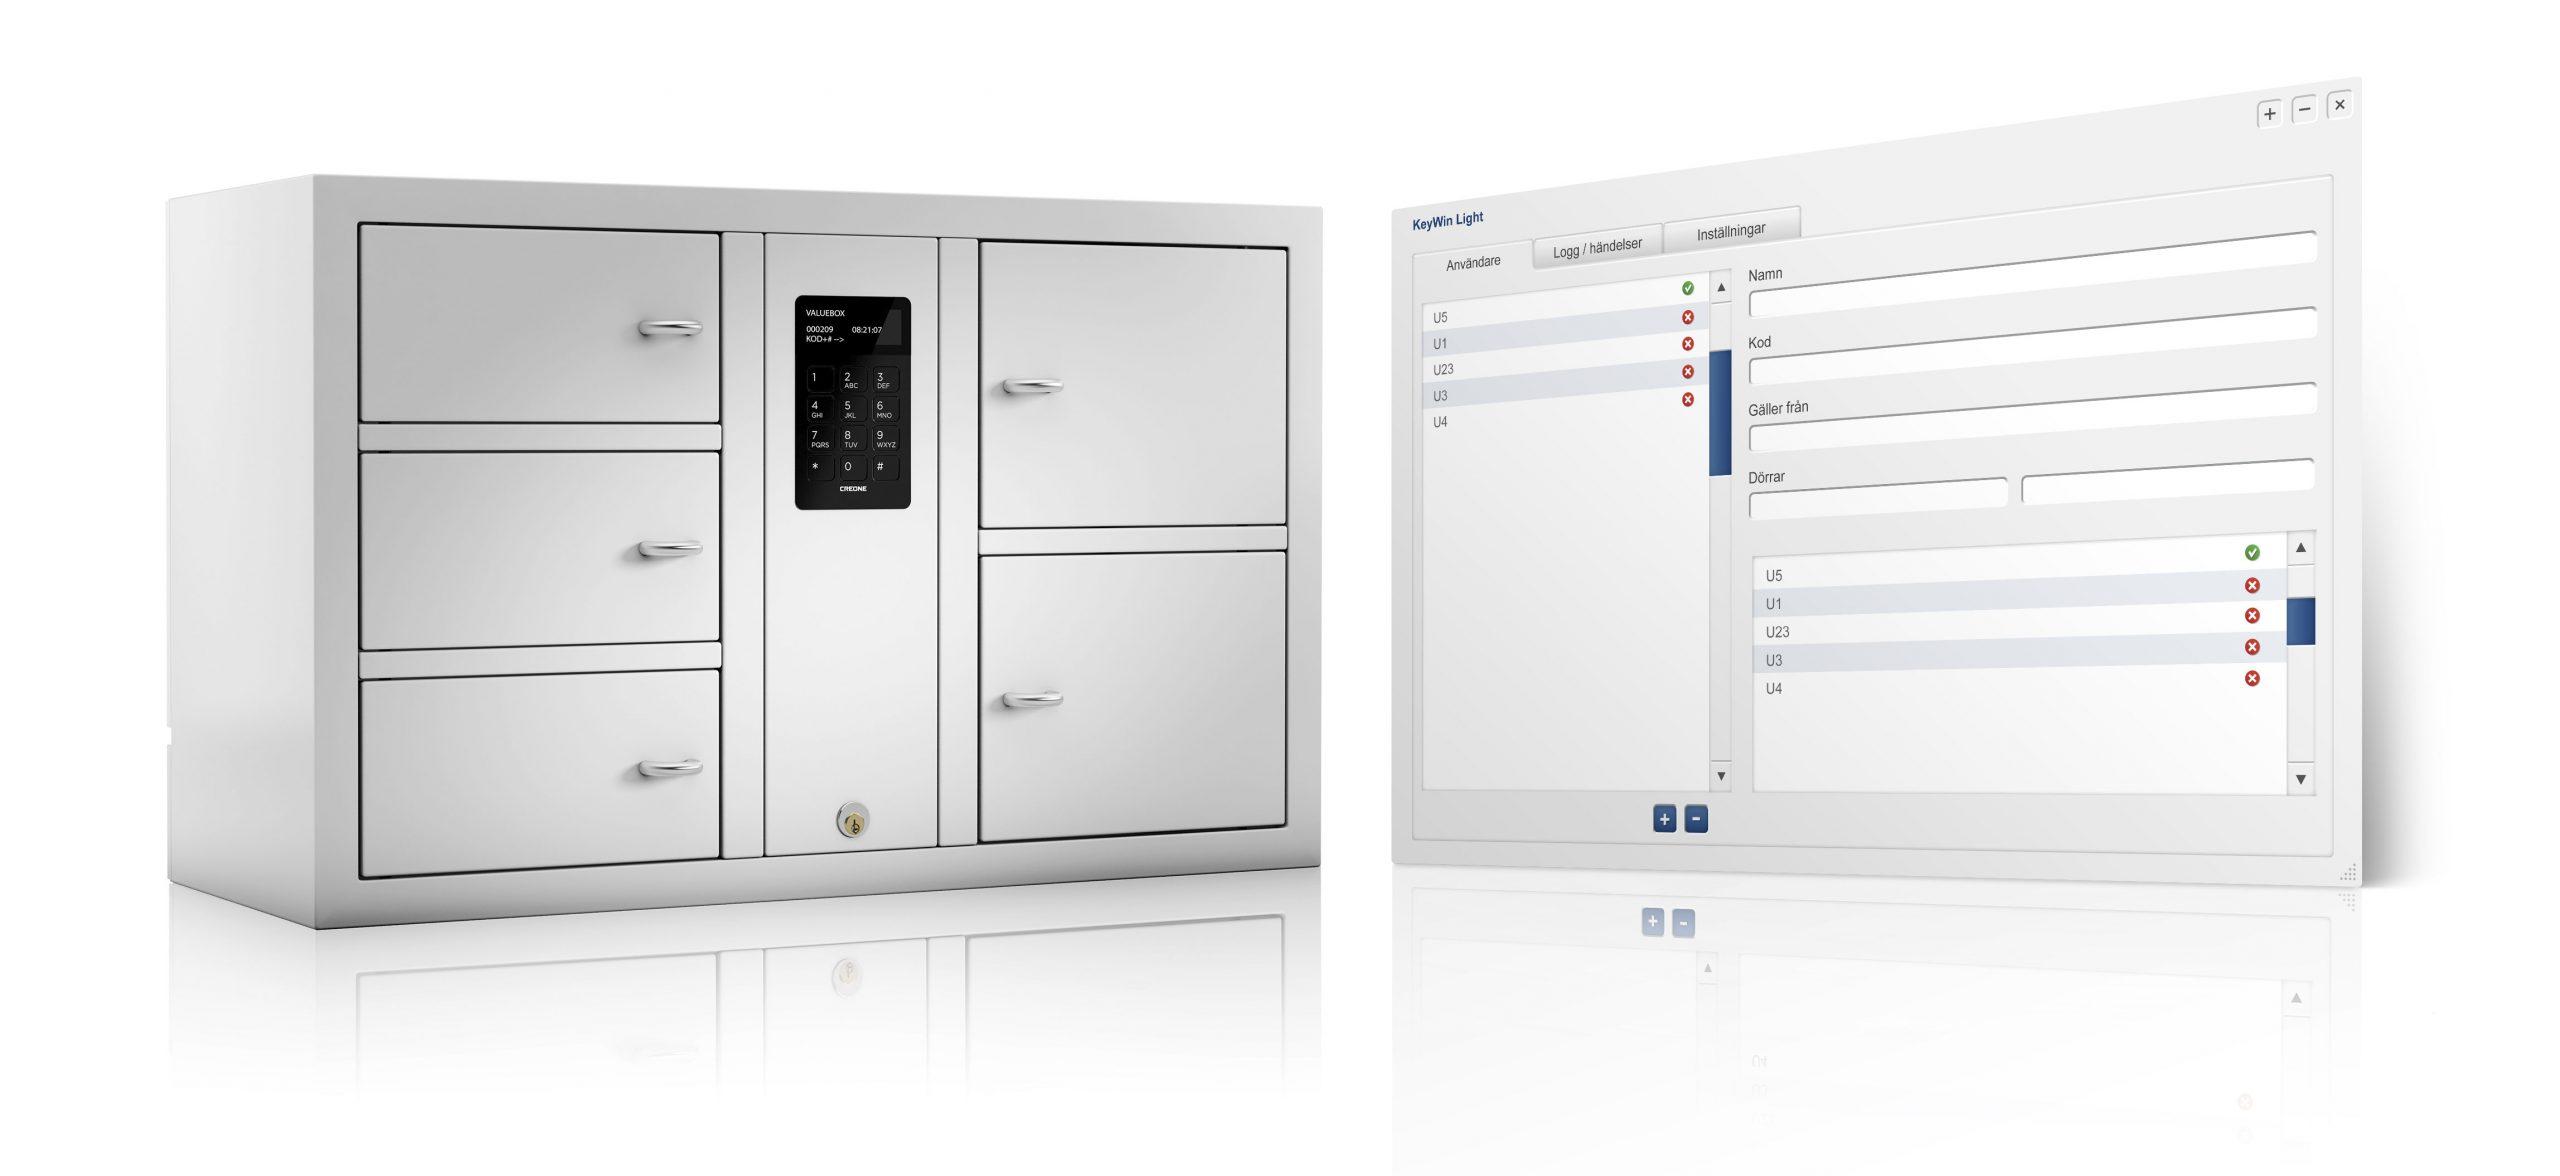 gestión de objetos de valor con ValueBox 7006 S con el software KeyWin Light